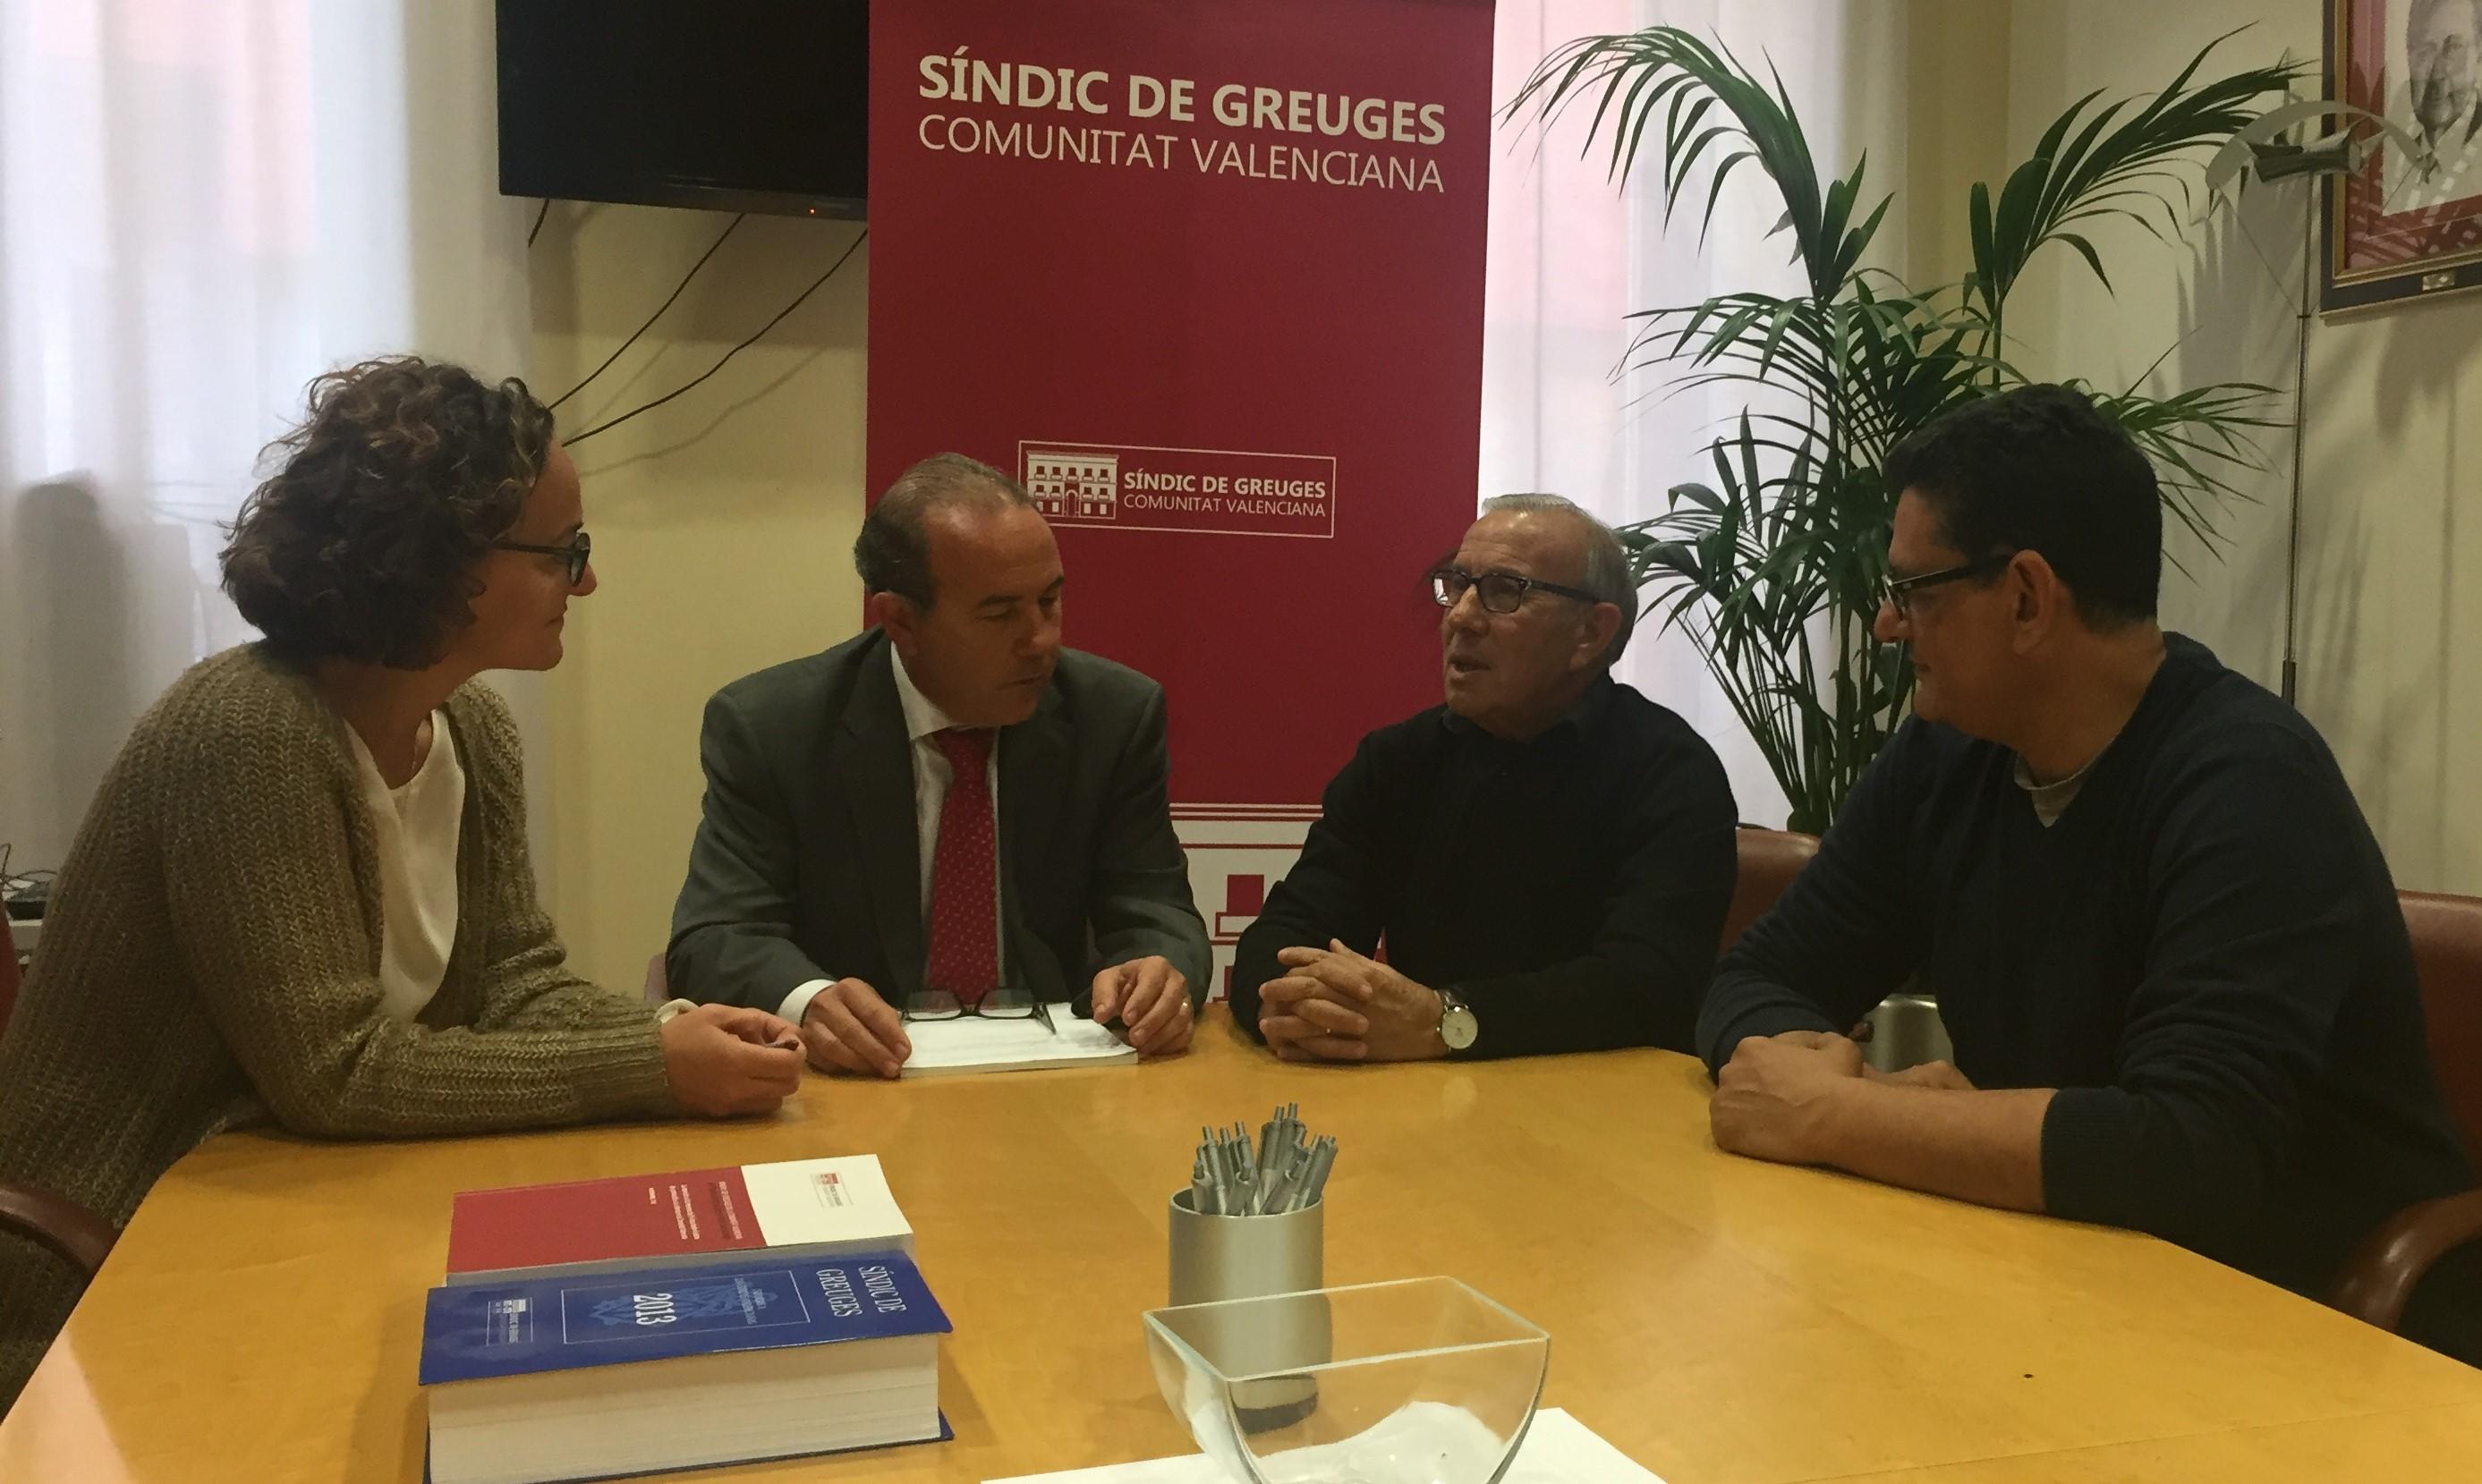 Reunió amb la Federació Autonòmica d'Associacions Gitanes de la Comunitat Valenciana